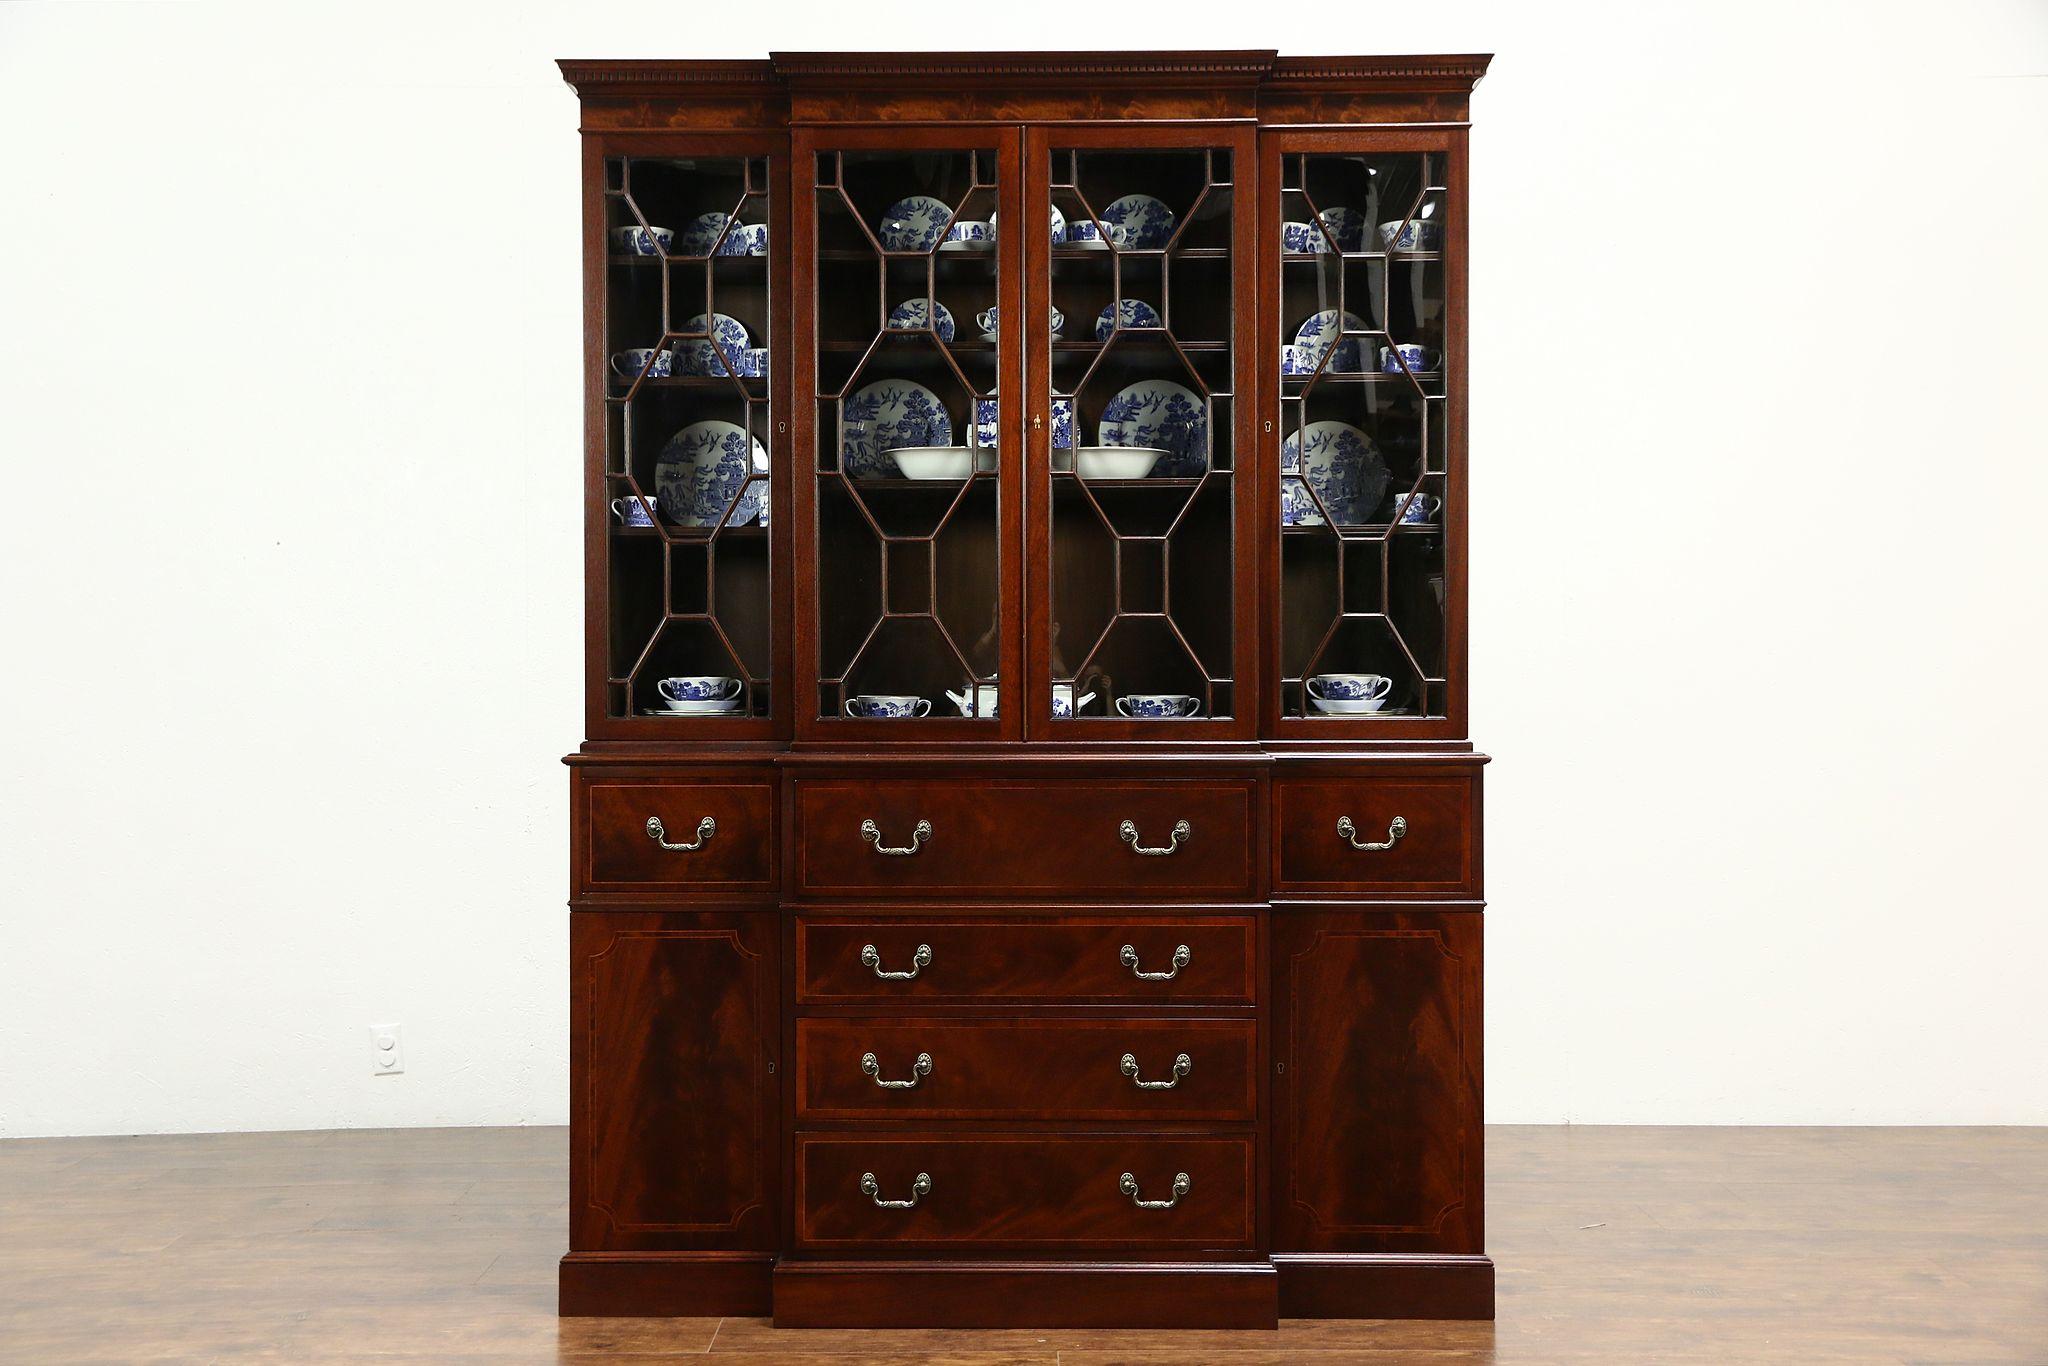 Superbe Baker Signed Vintage Mahogany Breakfront China Cabinet Or Bookcase U0026 Desk